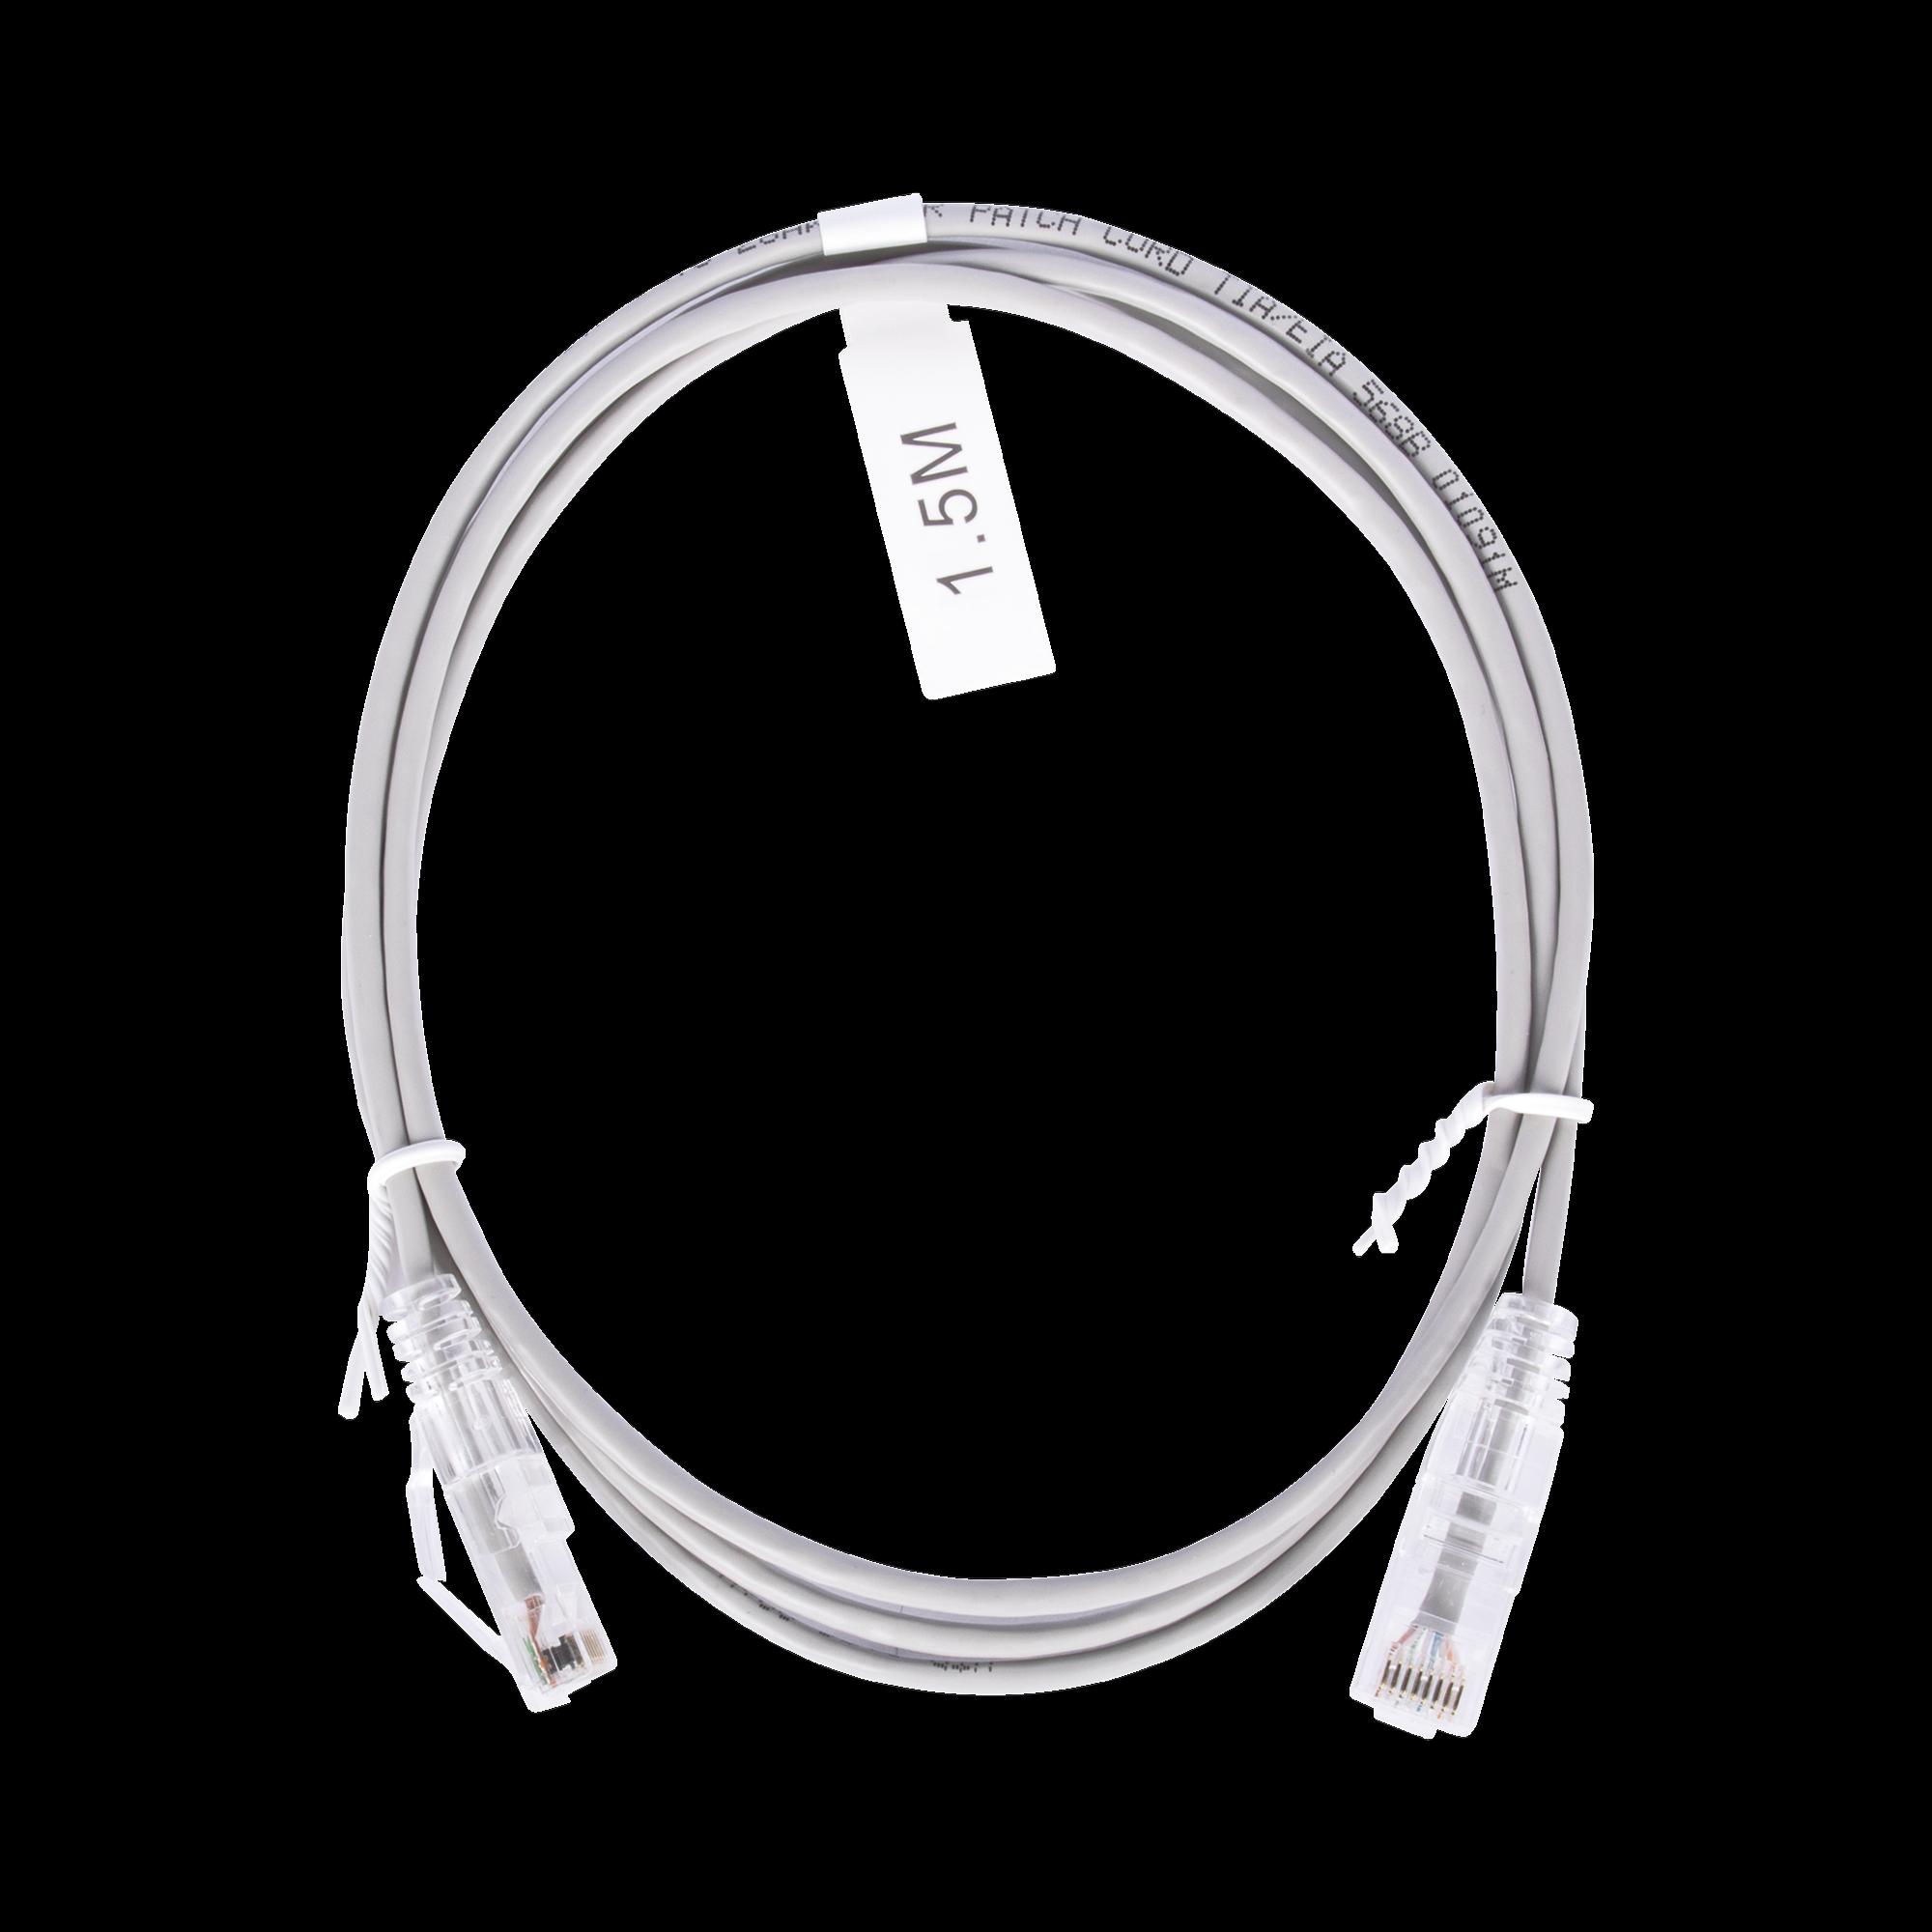 Cable de Parcheo Slim UTP Cat6 - 1.5 m Gris Diámetro Reducido (28 AWG)